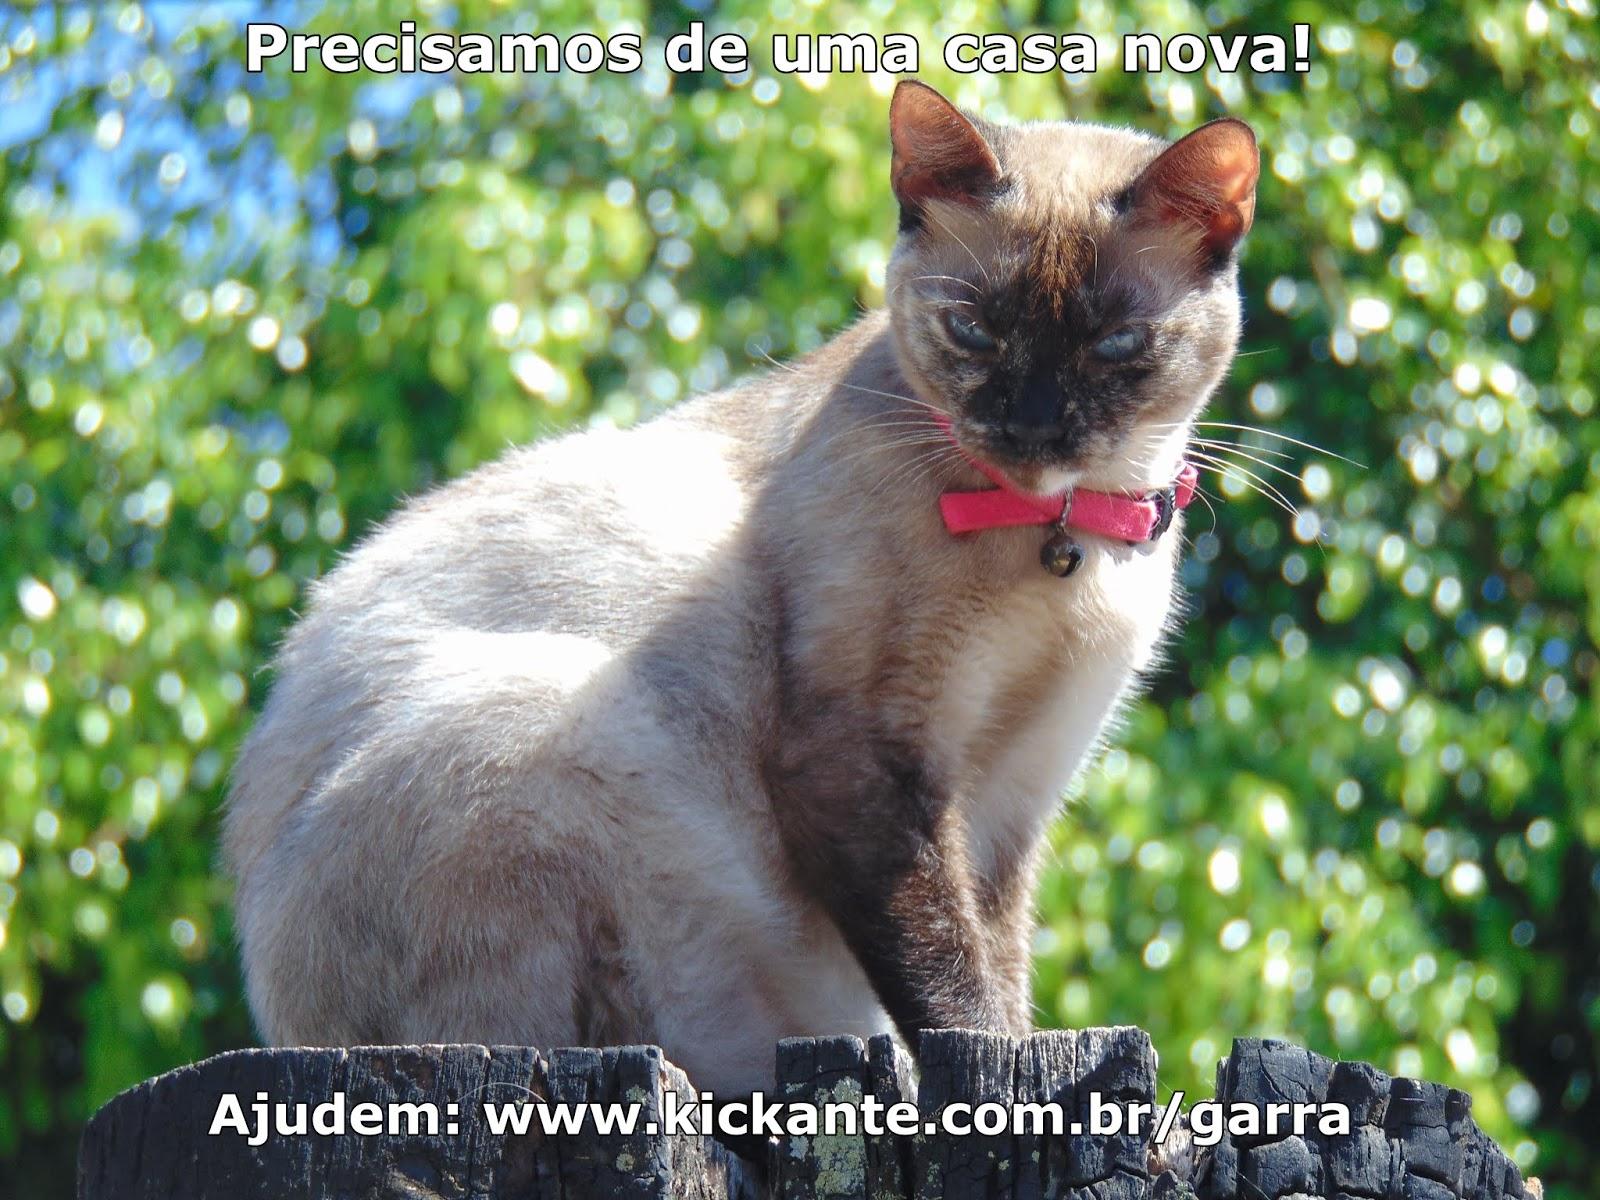 a067c2fb30ce5 G.A.R.R.A. - Grupo de Ação, Resgate e Reabilitação Animal  Janeiro 2019